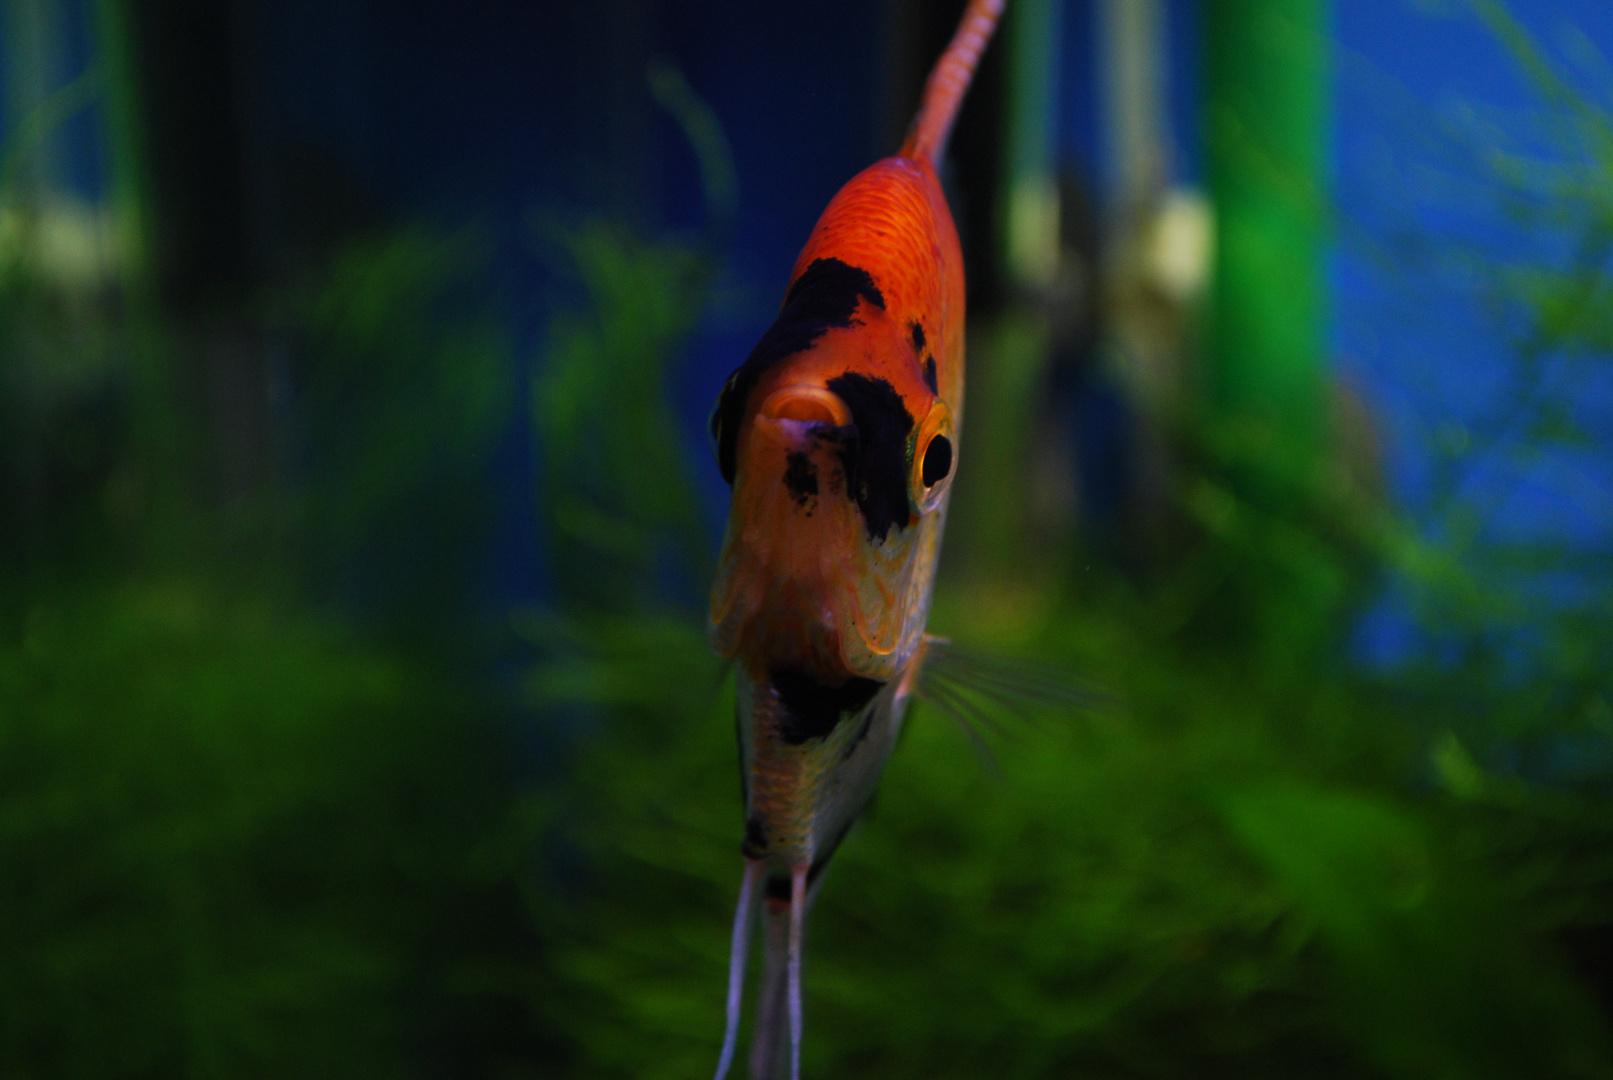 Che noia dentro l' acquario...3